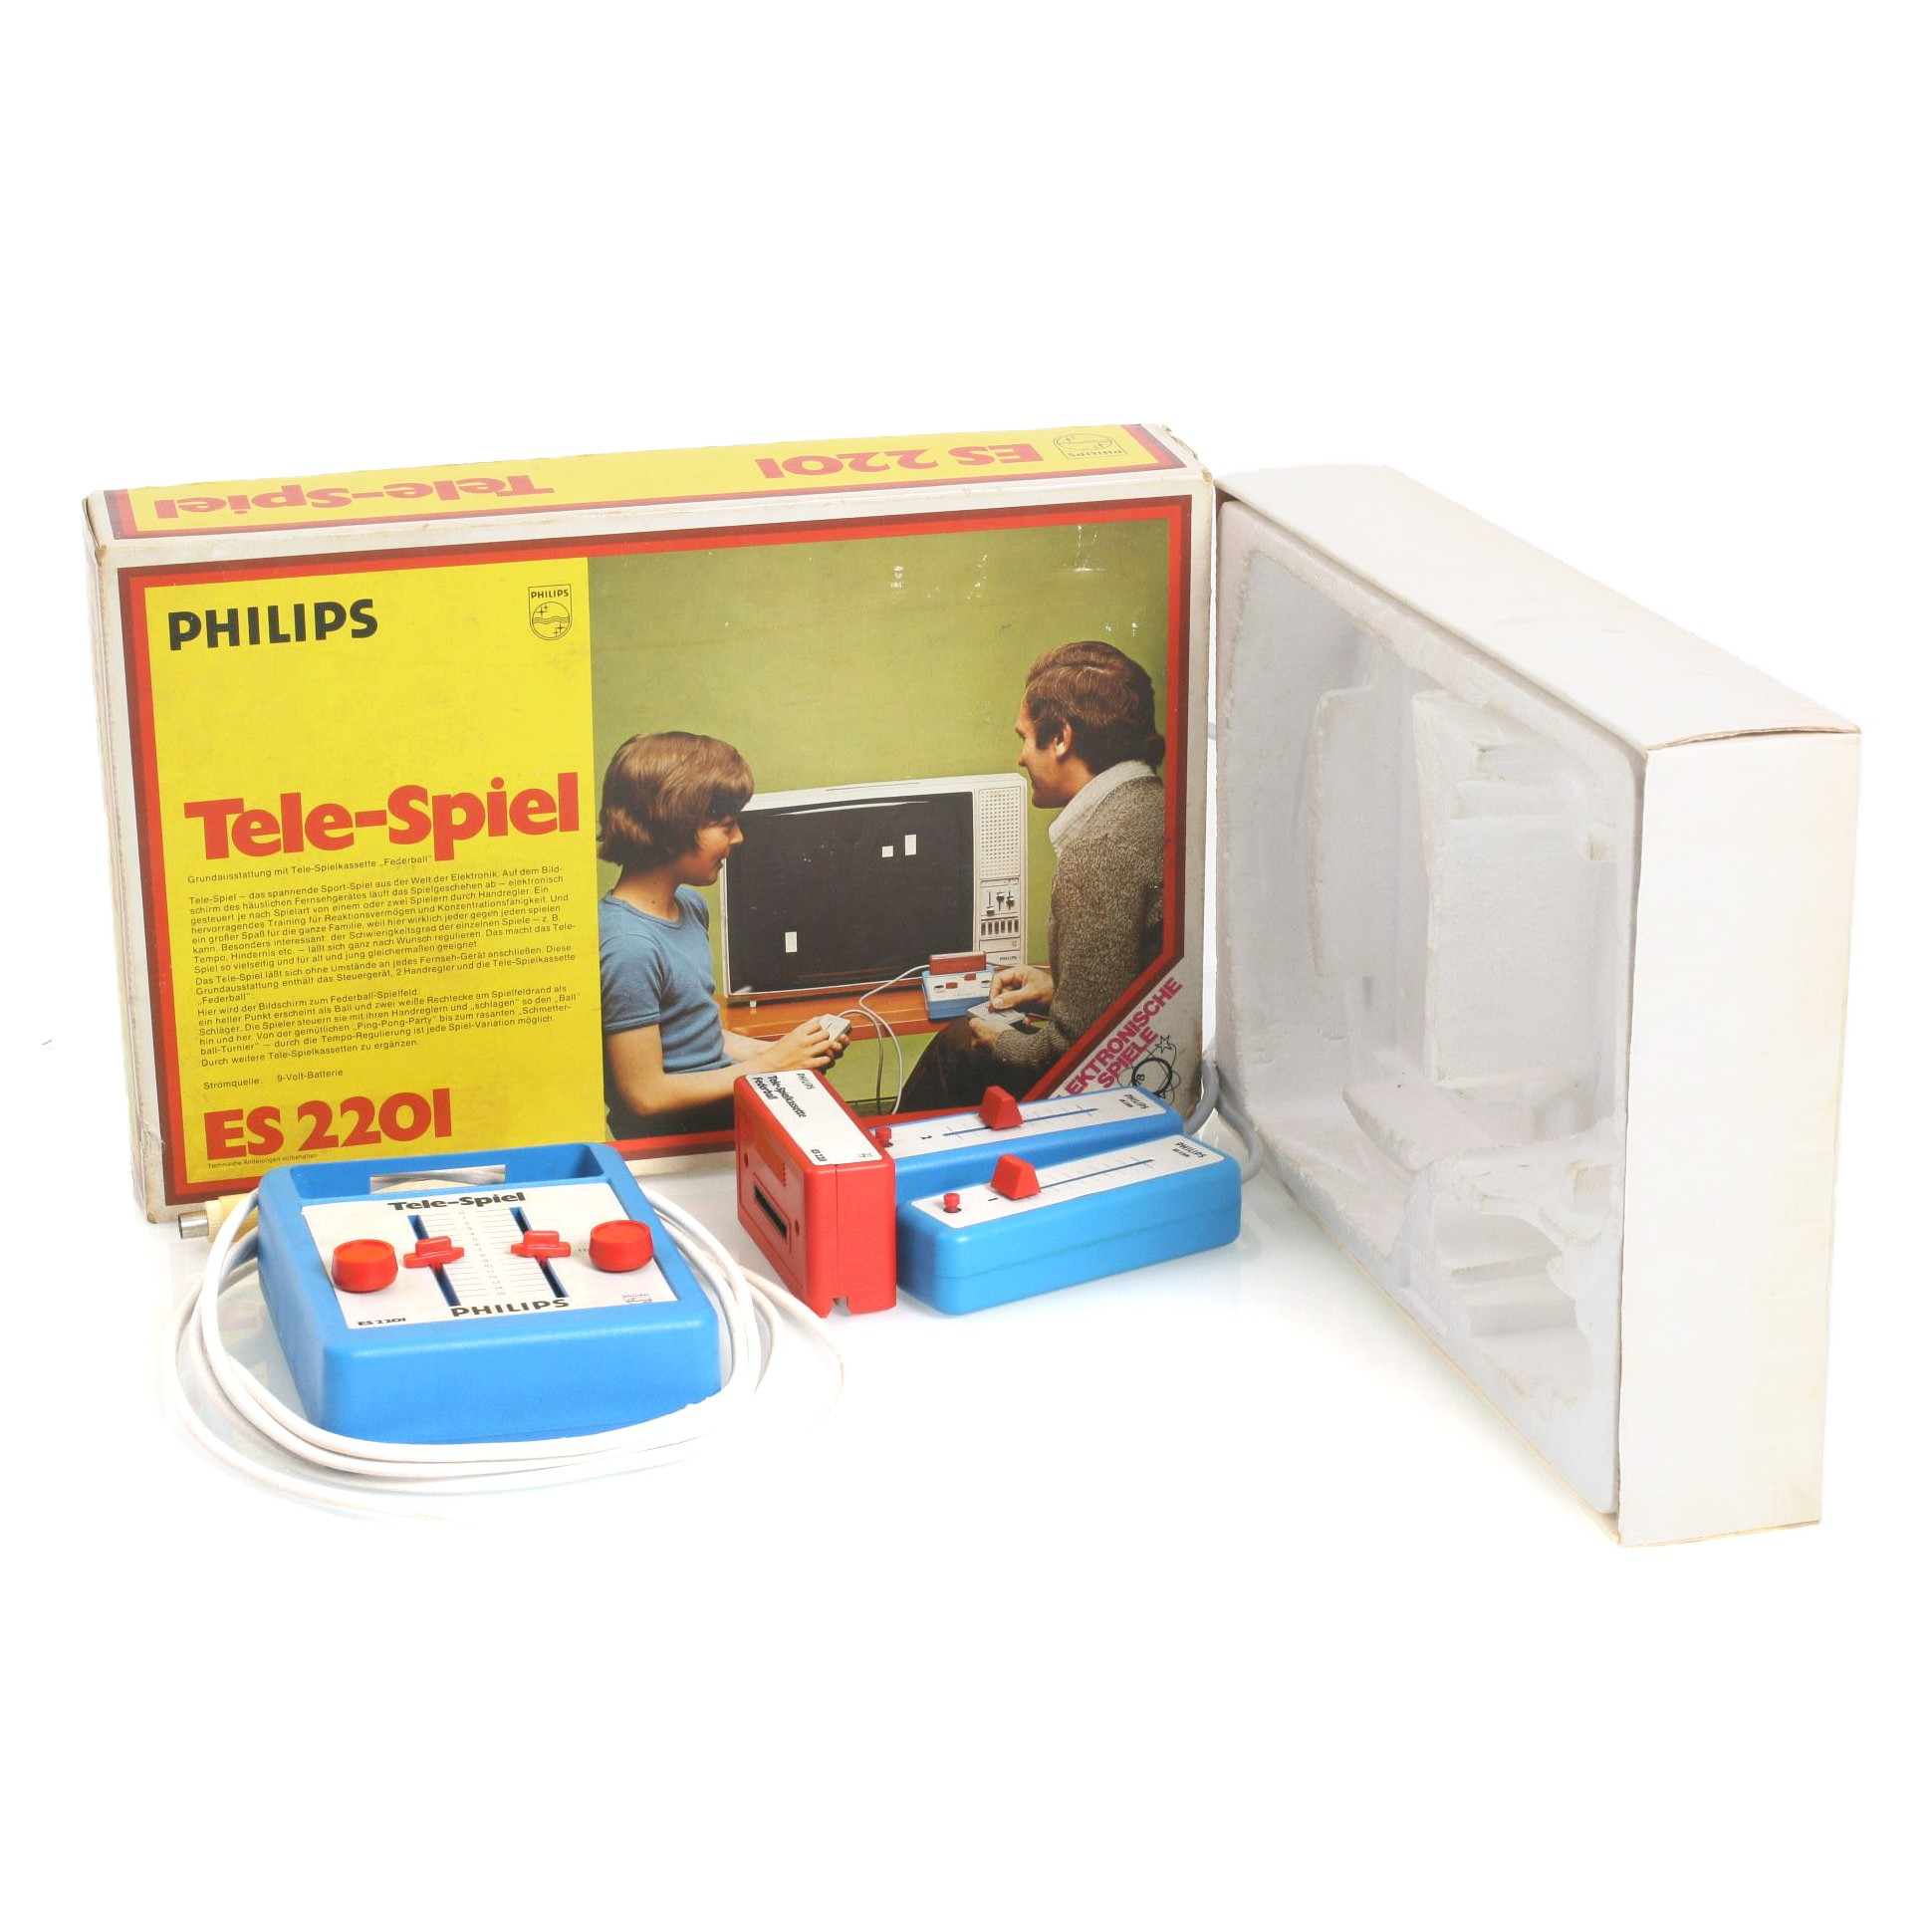 Konsole Philips Tele-Spiel ES 2201 mit Spiel Federball und Zubehör #blau